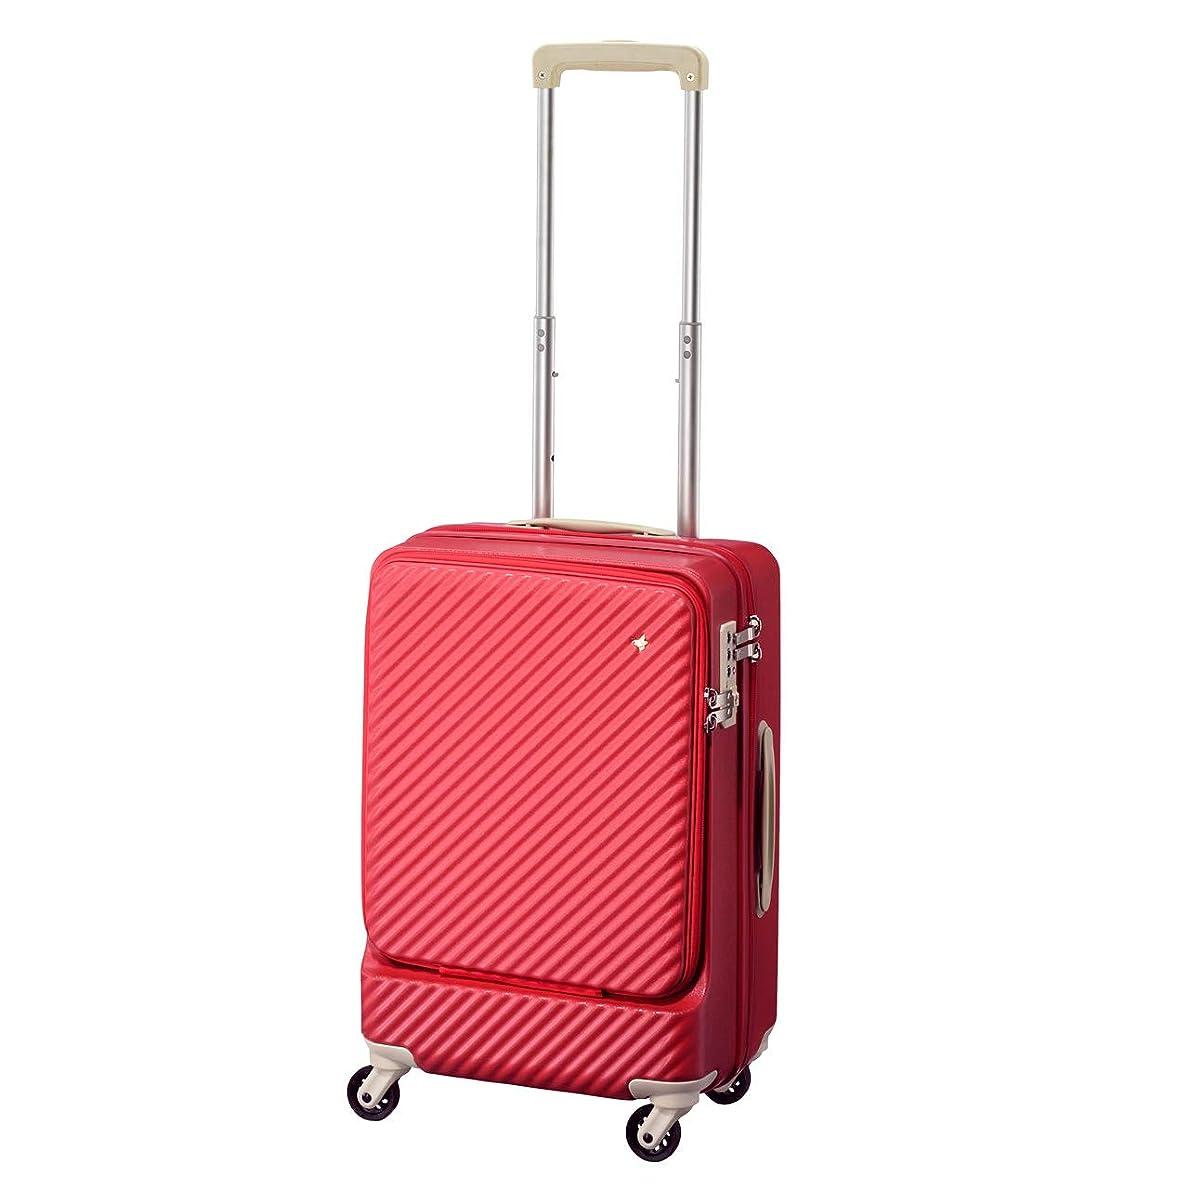 本三角形任命[HaNT(ハント)] スーツケース 34L 48cm 3.3kg 機内持ち込み対応 05744